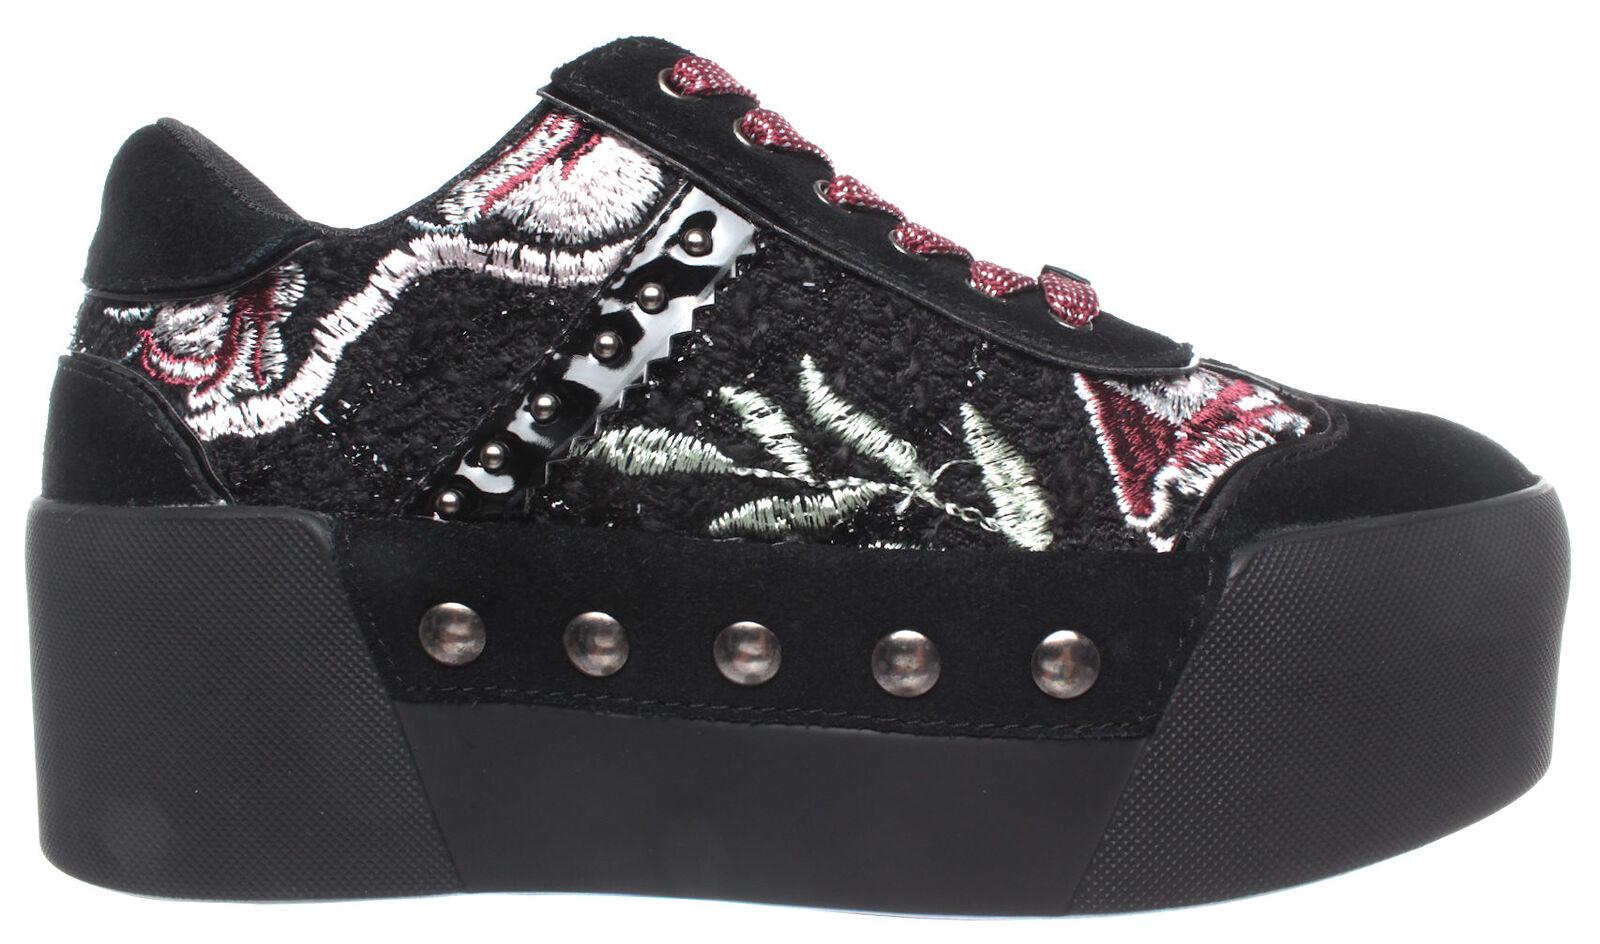 Liu jo señora zapatos casual zapatillas maxy 01 serraje negro rubin nuevo